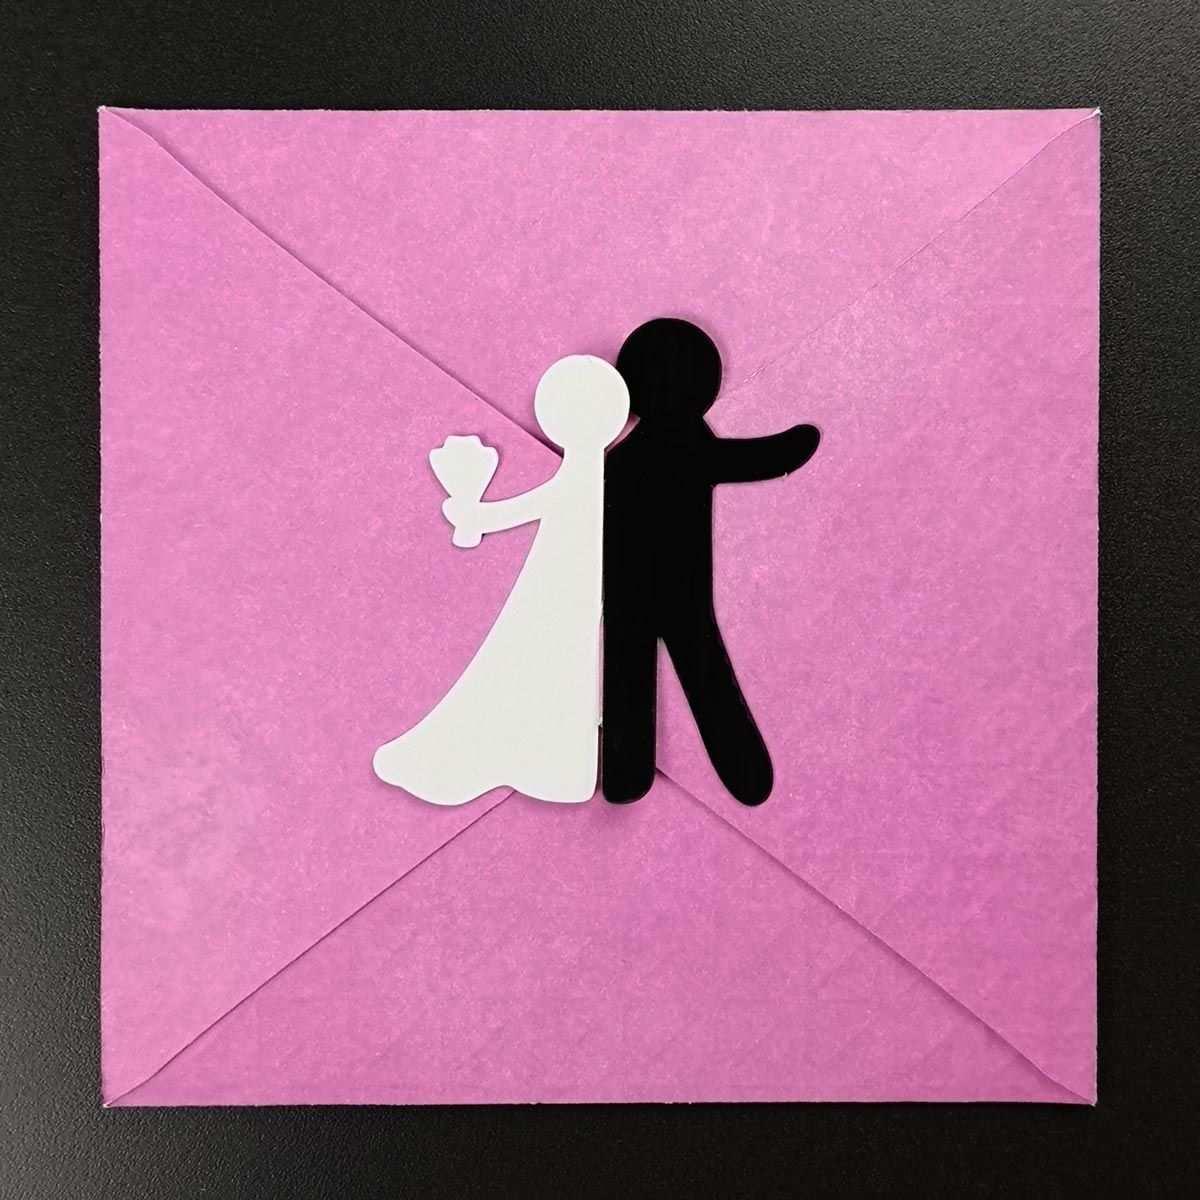 Bastelvorlage Plotterfreebie Fur Hochzeitskarte Mit Brautpaar Gluckwunschkarte Zur Hochzeit Mit Ei Gluckwunschkarte Hochzeit Gluckwunschkarte Karte Hochzeit